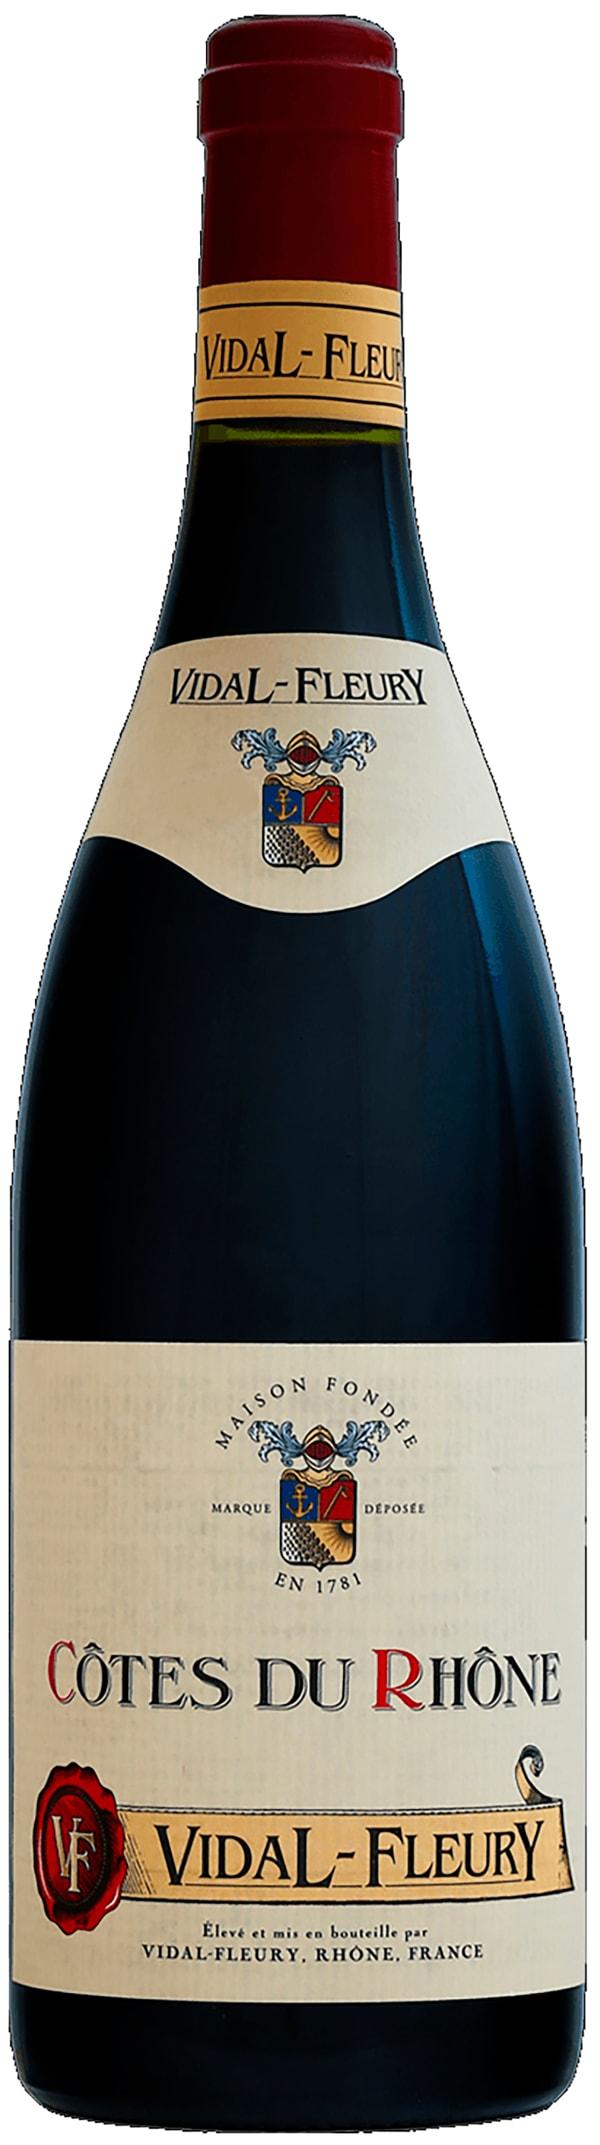 Vidal-Fleury Côtes du Rhône 2016